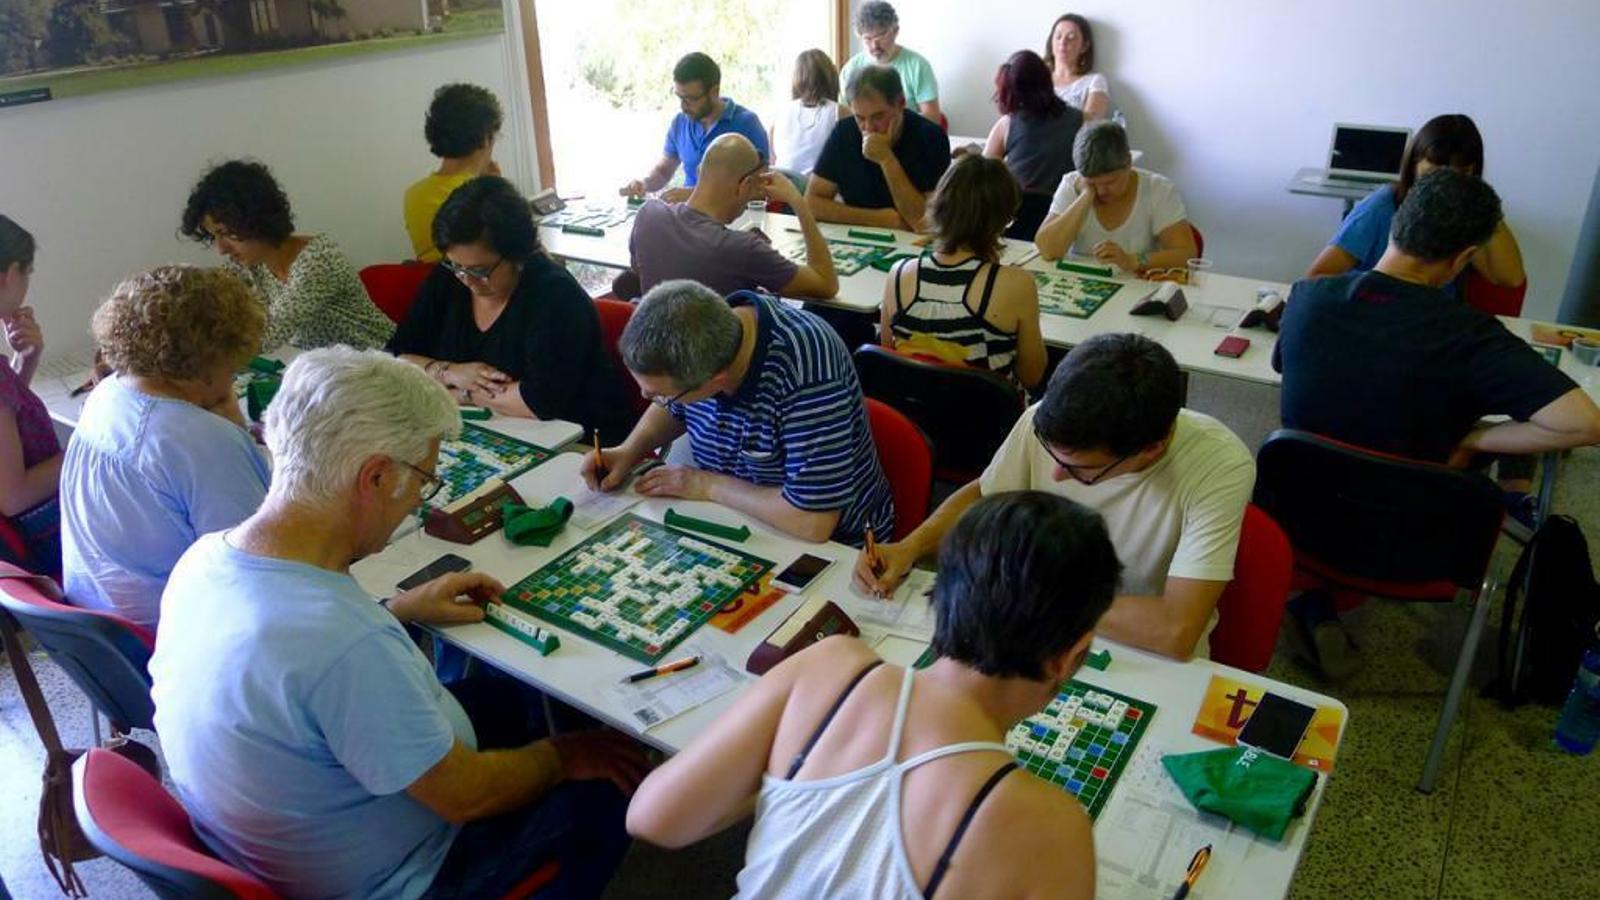 Campionat d'Scrabble a Manacor, el juny de 2017.